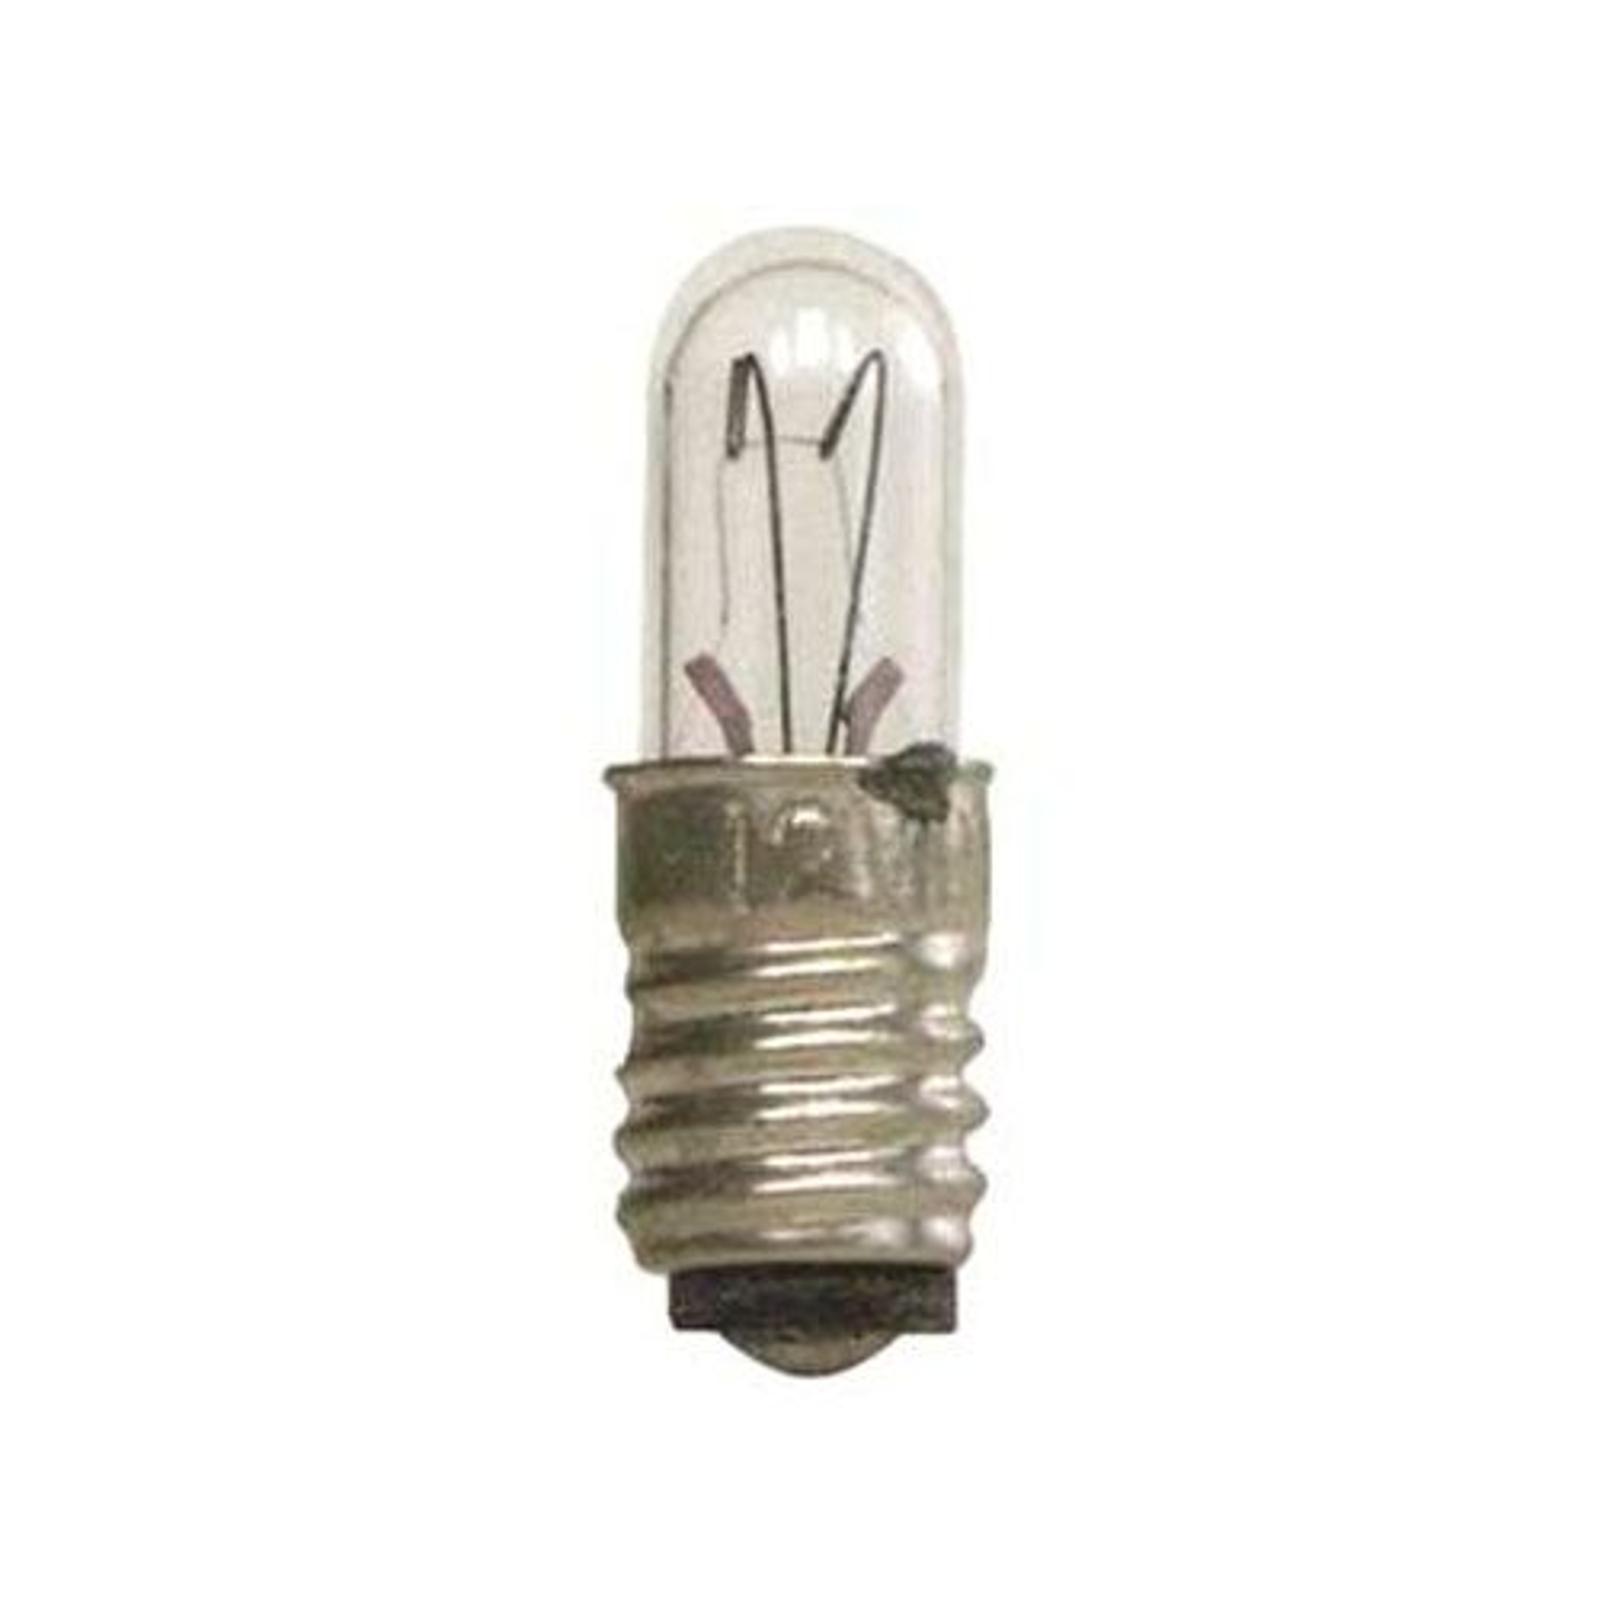 E5 0,8W 12V Reservlampor 5-pack, genomskinlig